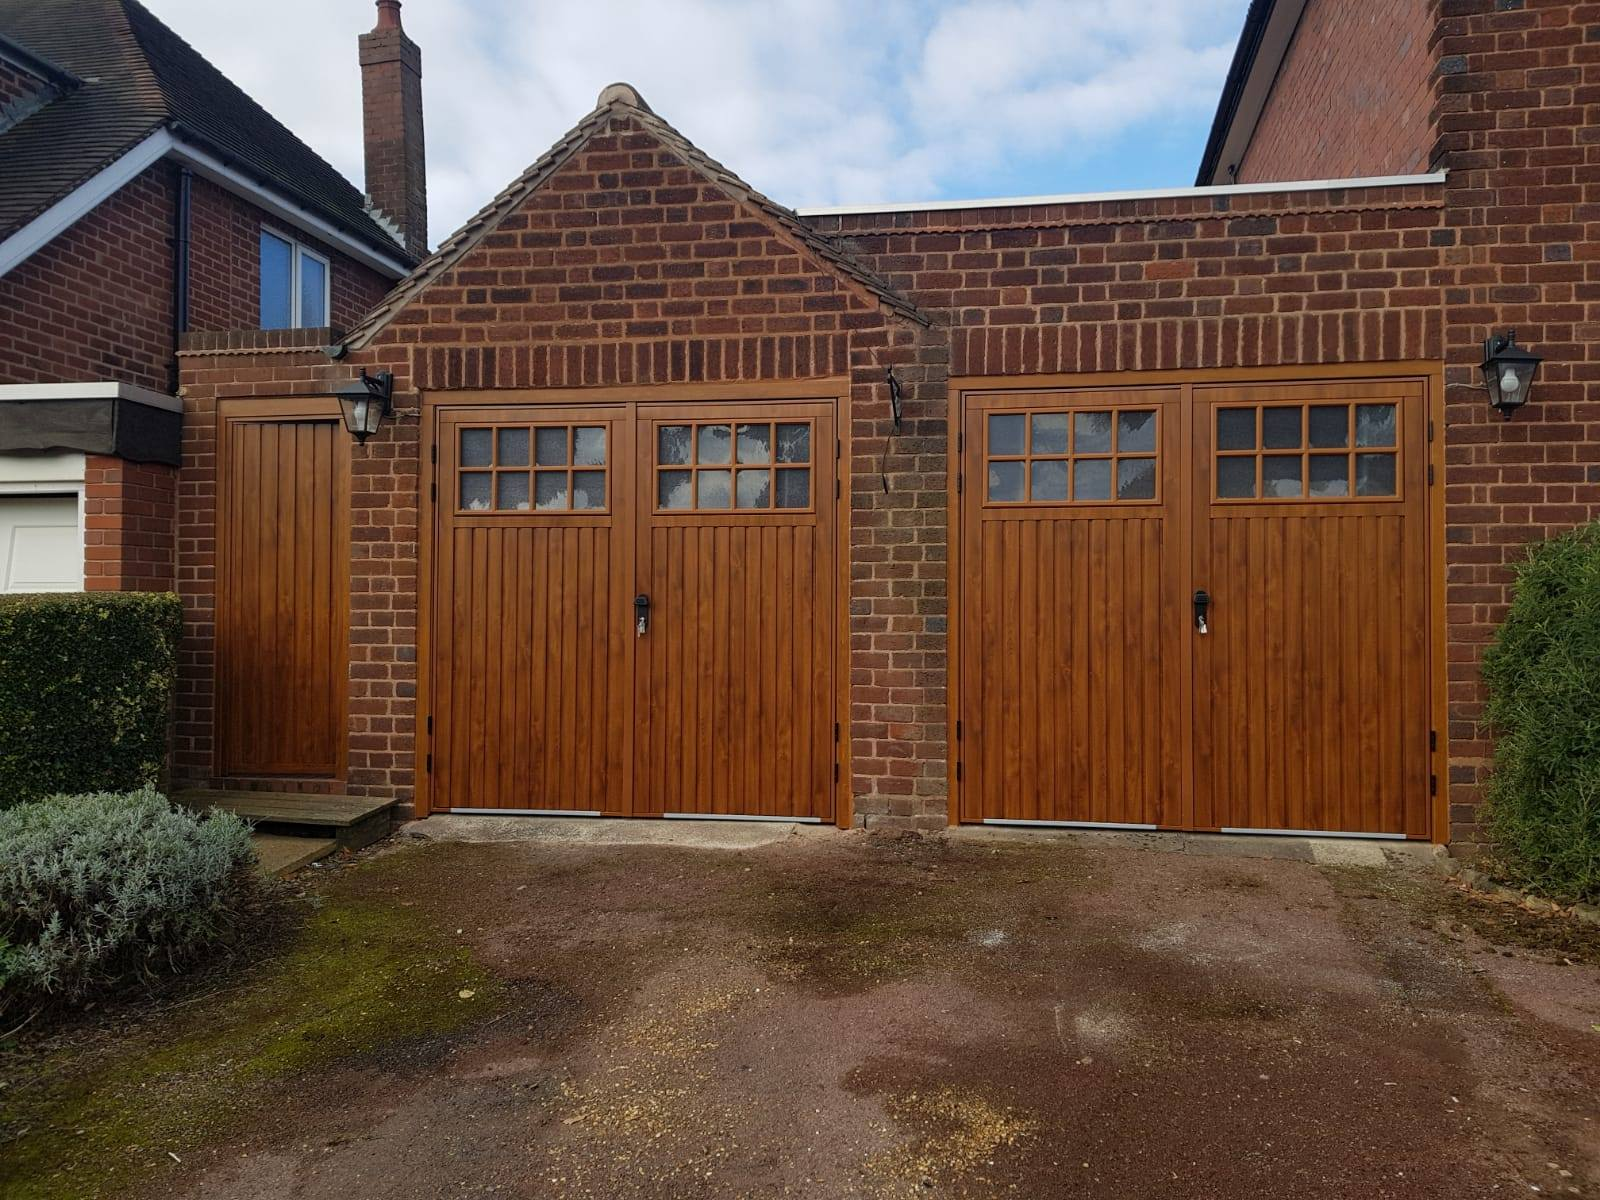 Cardale Wooden Side Hinged Garage Doors Nov 18